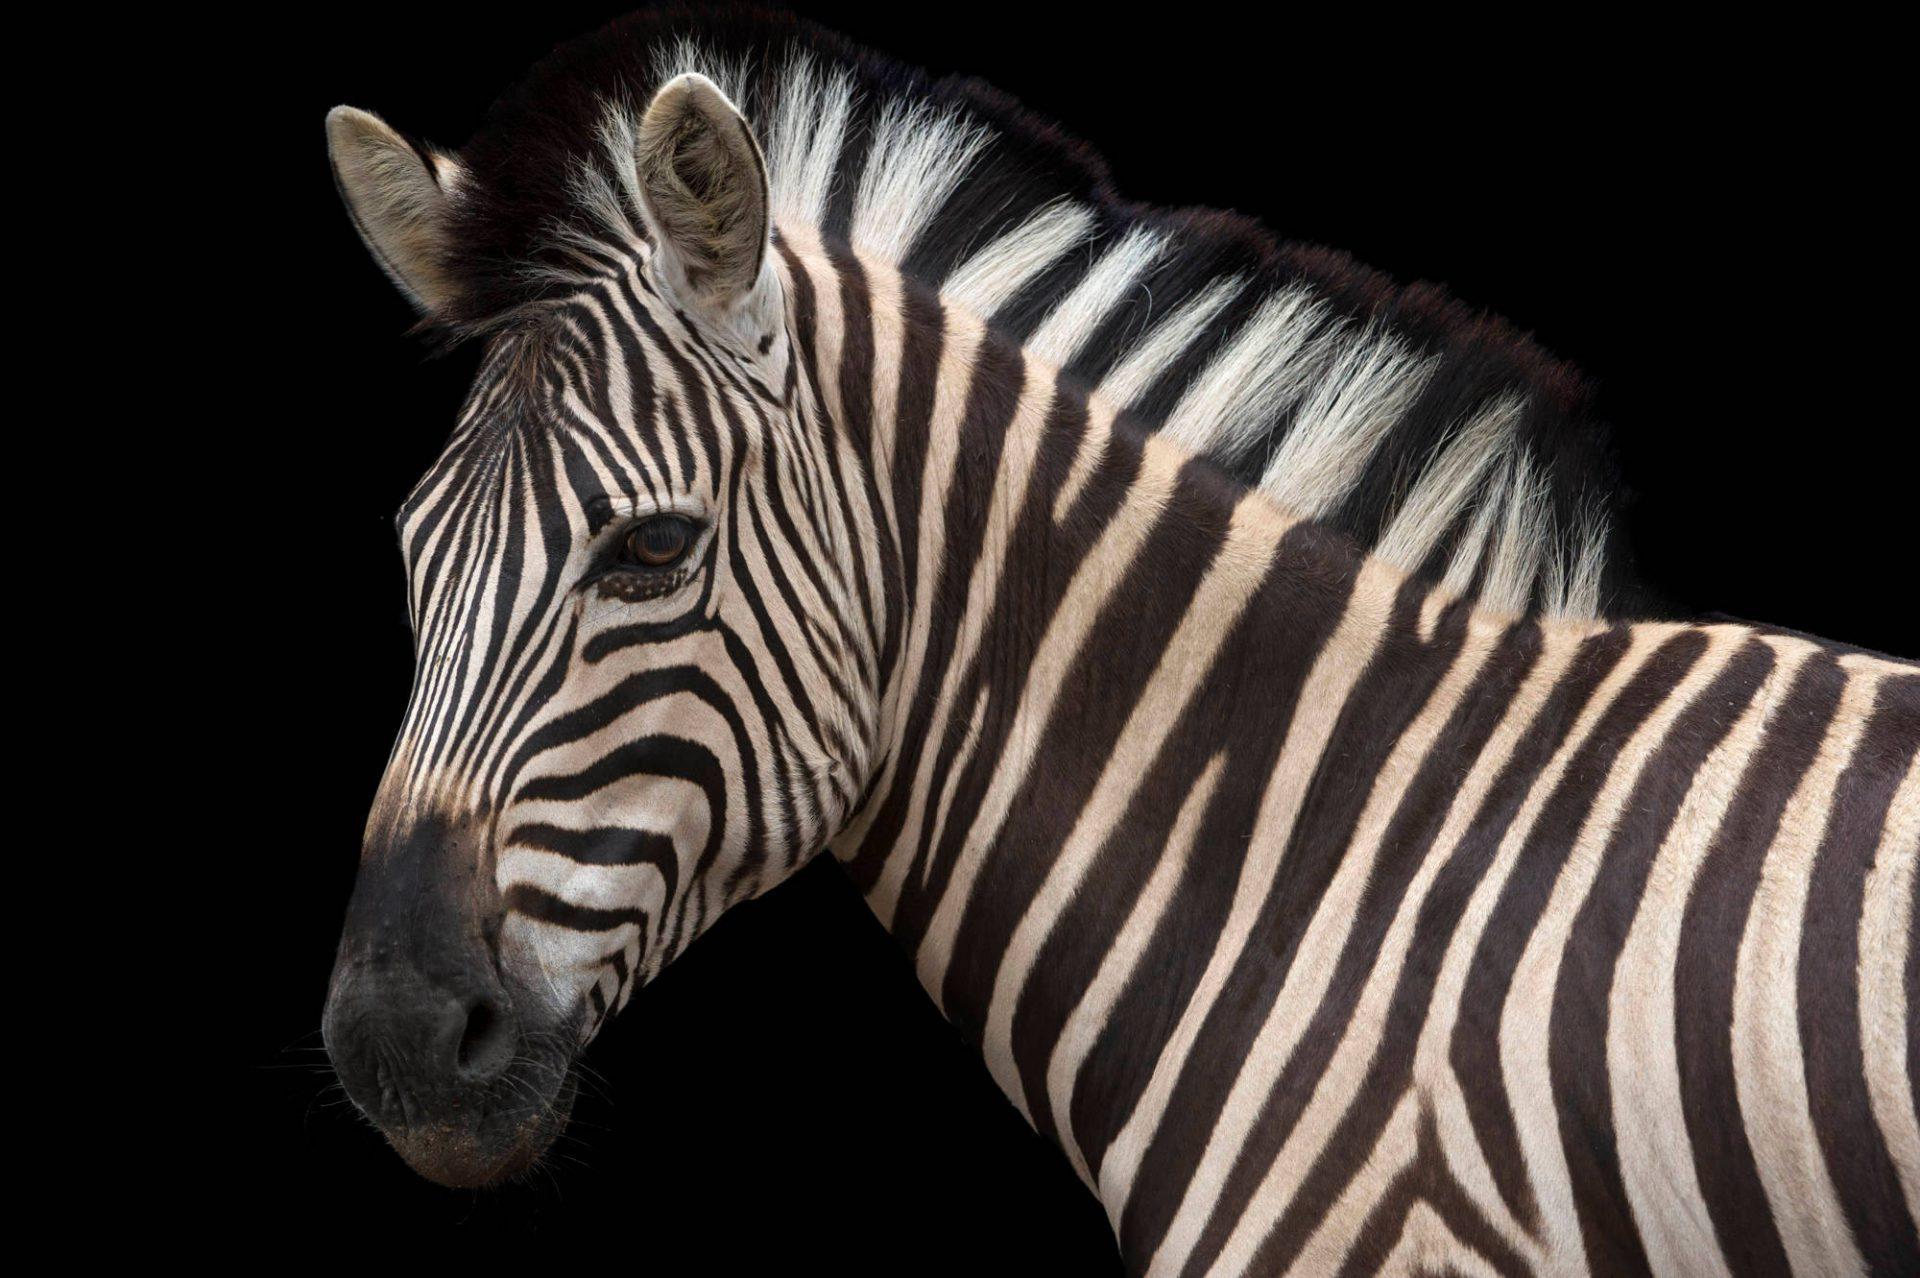 Picture of a Damara zebra (Equus burchellii antiquorum) at the Naples Zoo.